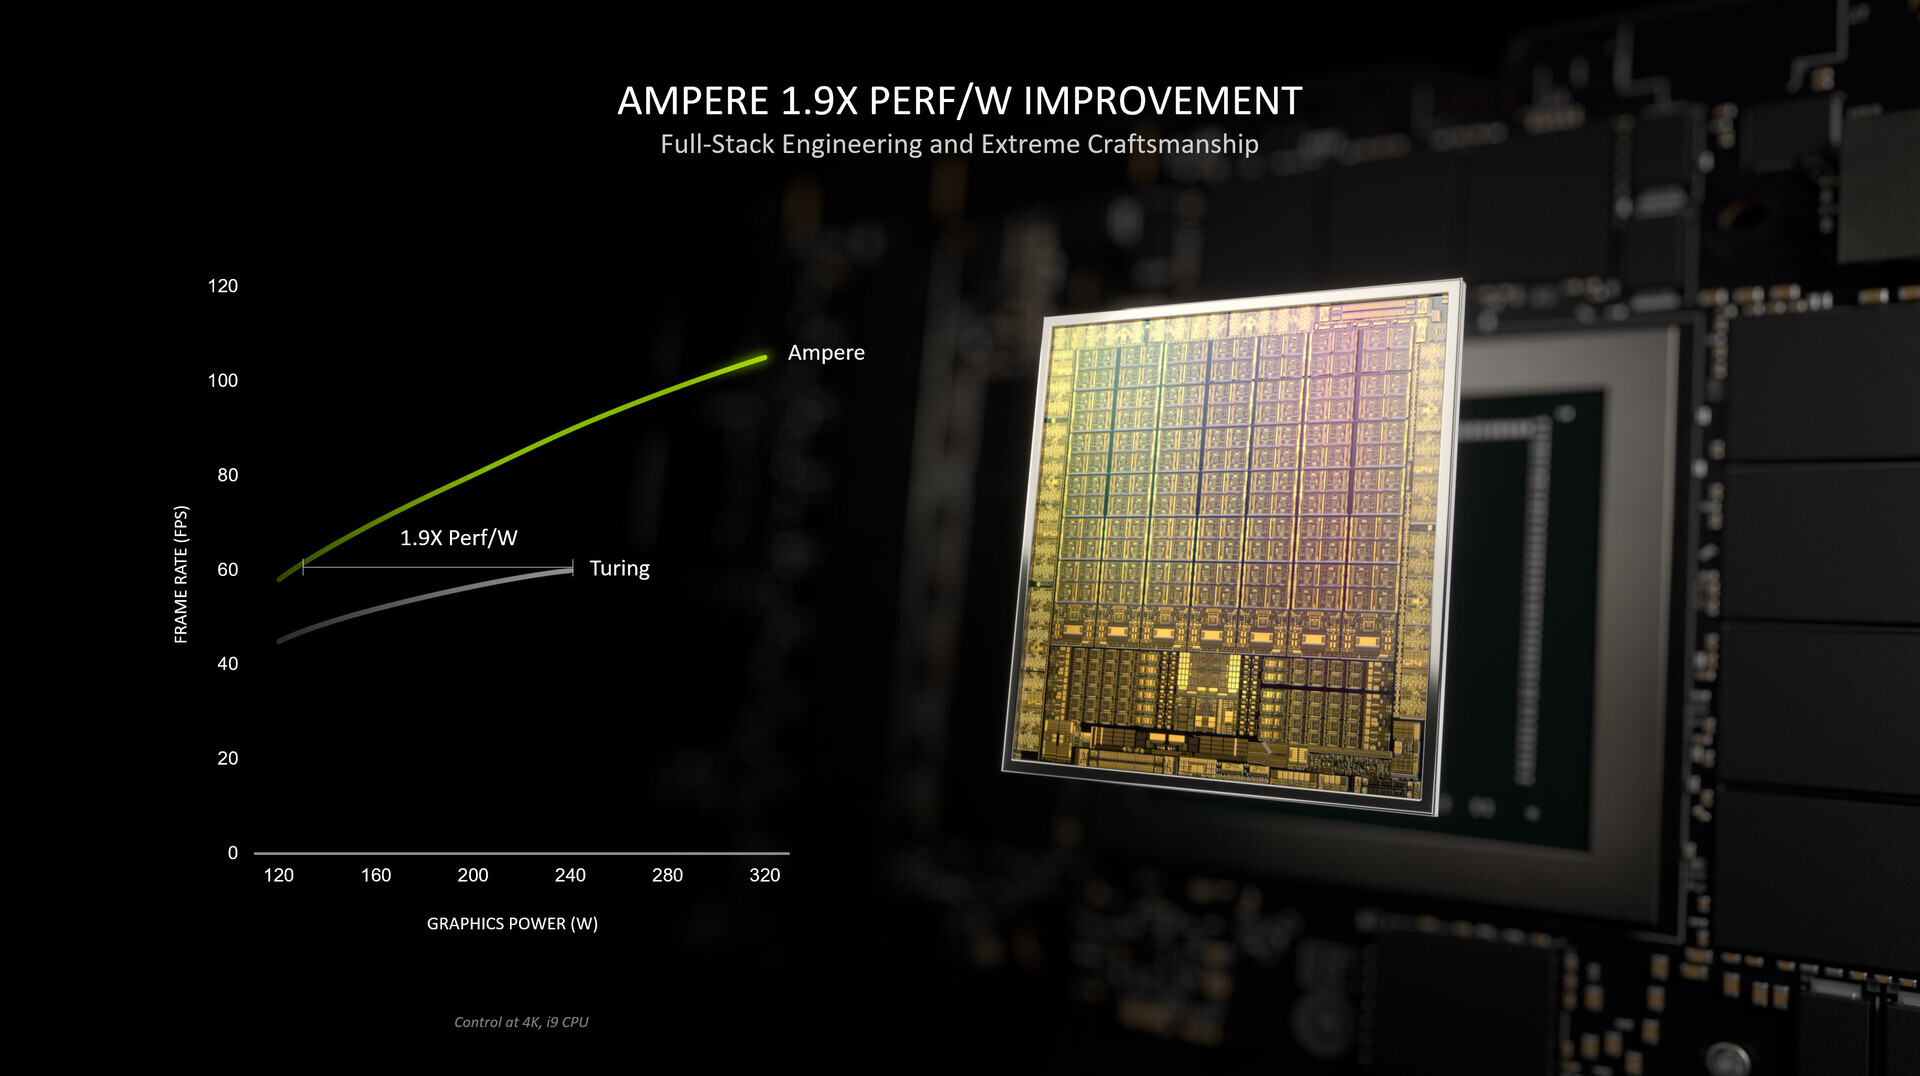 Ноутбучные и настольные видеокарты NVIDIA RTX 3000 сравнили по характеристикам